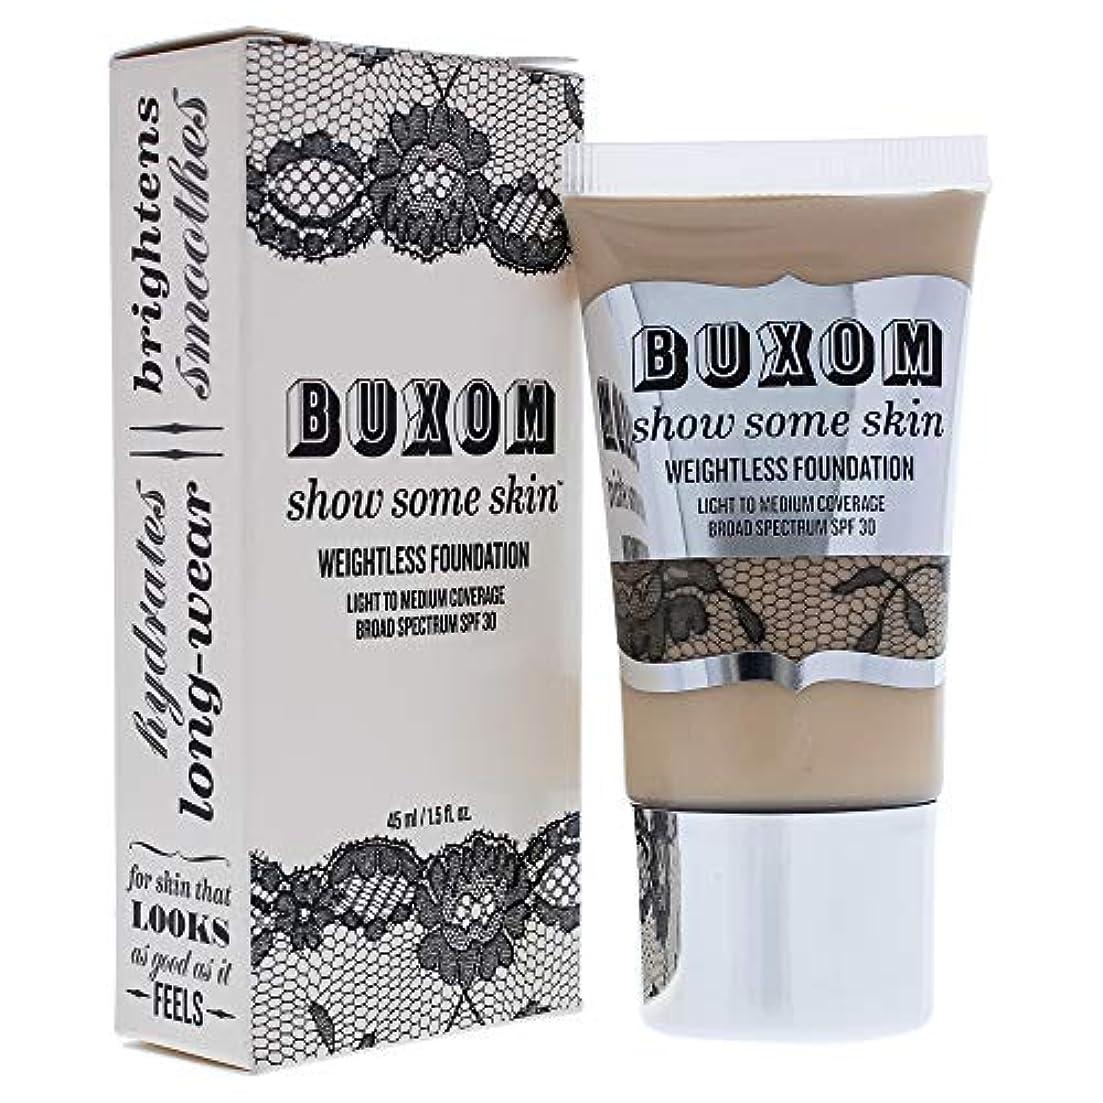 パスポートワイド十分ですBuxom Show Some Skin Weightless Foundation SPF 30 - # Tickle The Ivory 45ml/1.5oz並行輸入品